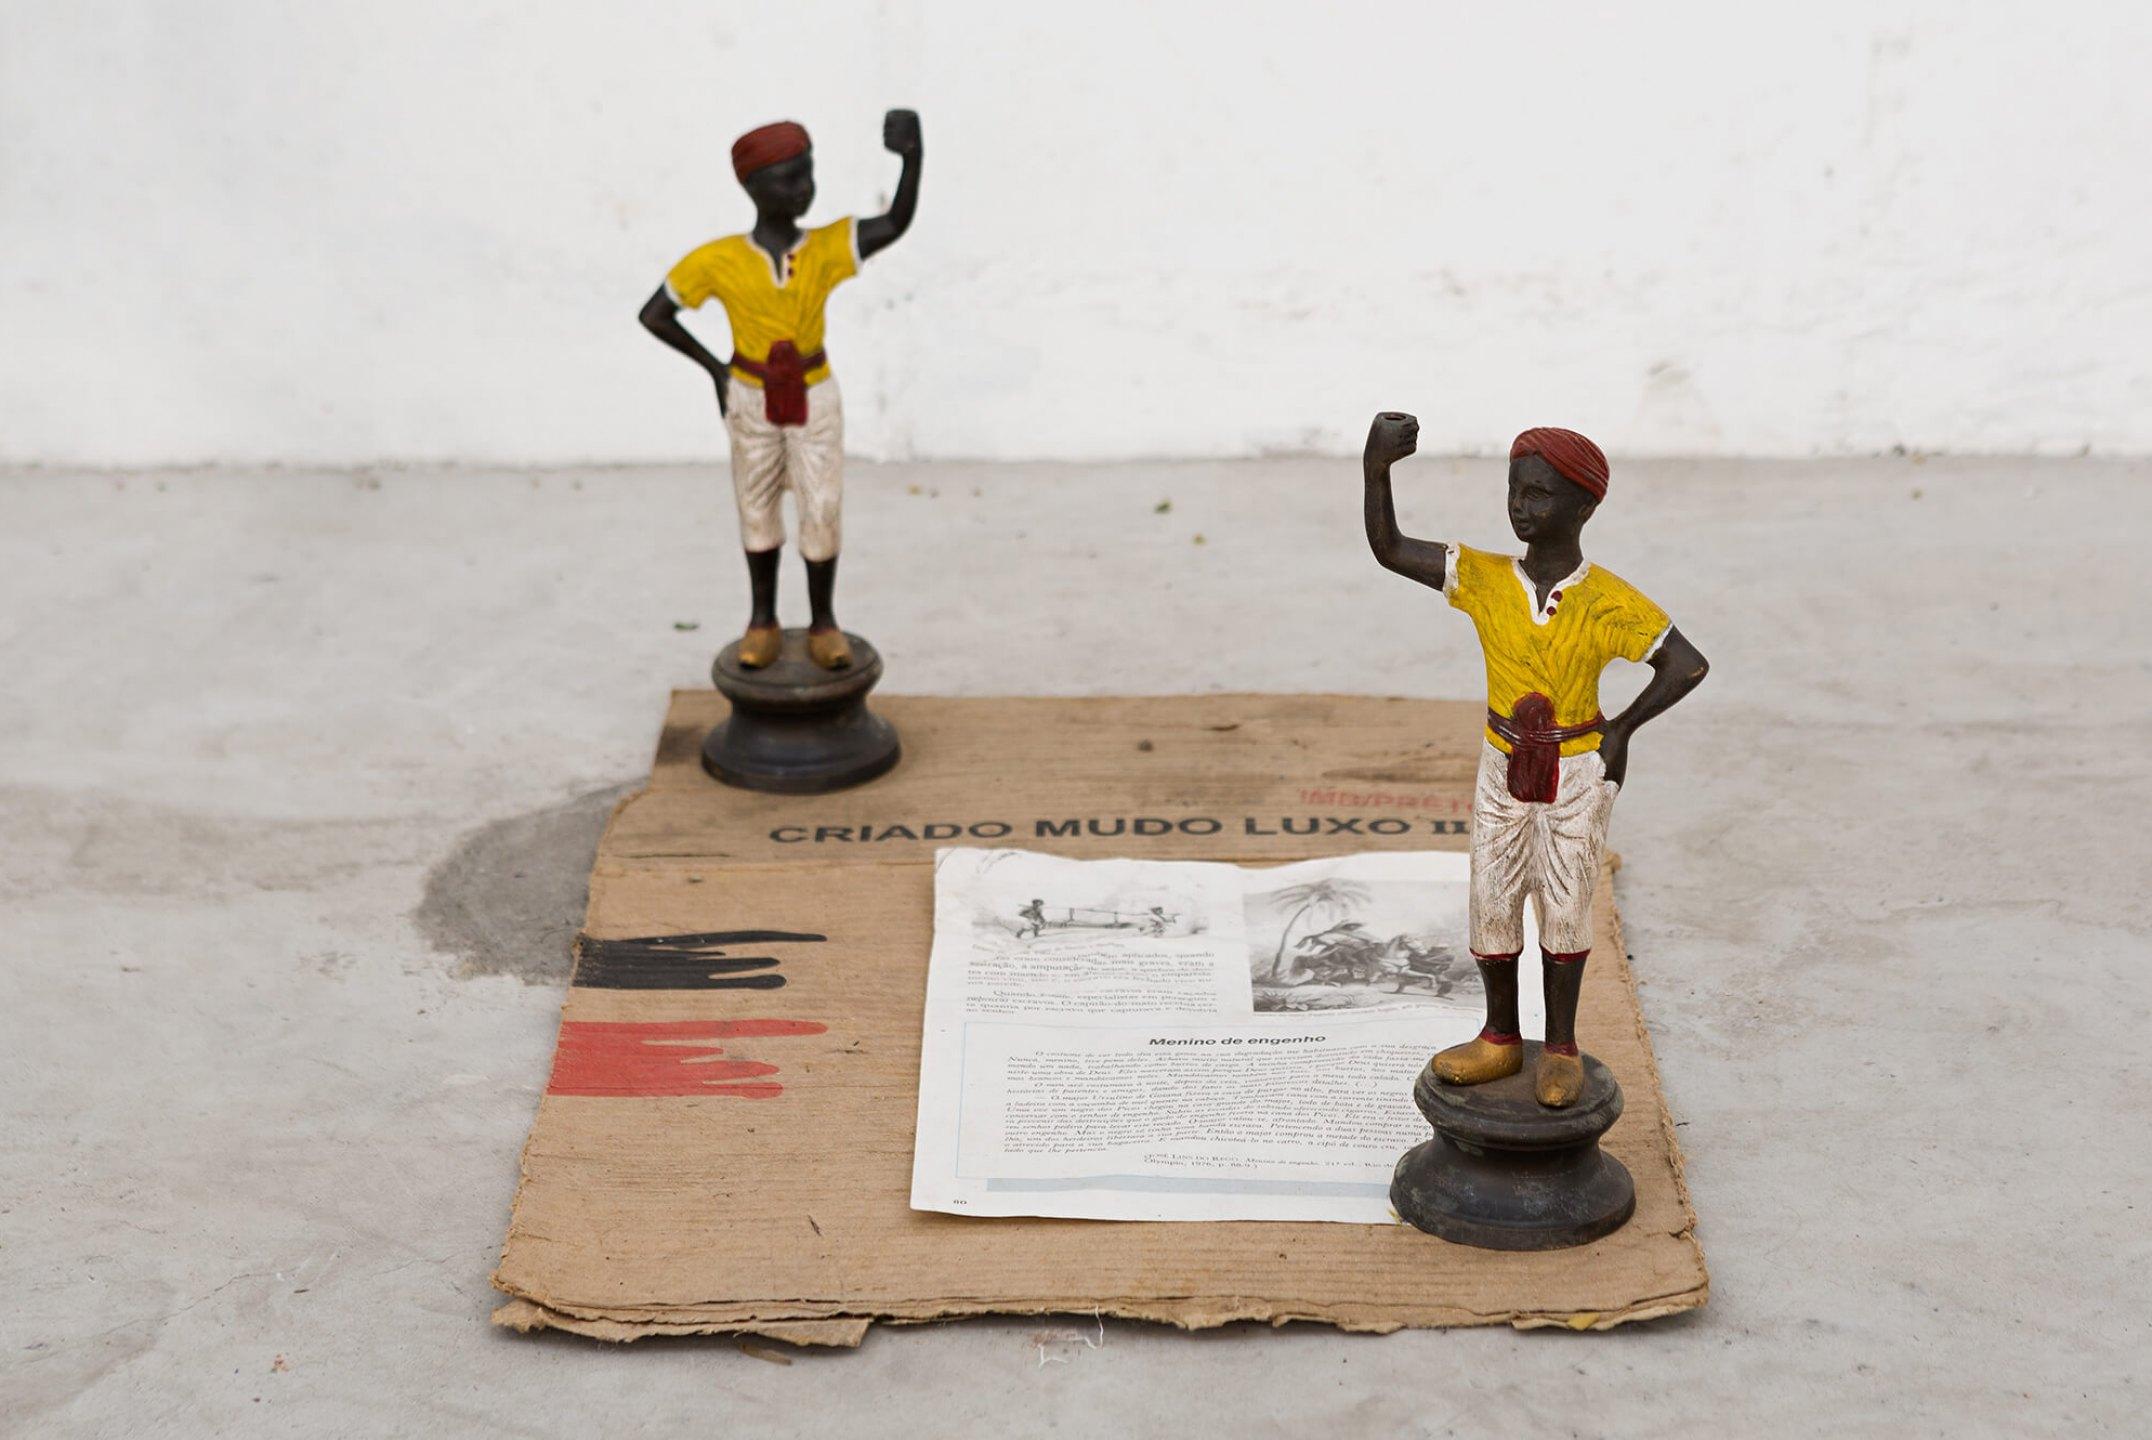 Paulo Nazareth,<em>CA - criado mudo</em>,2013, bronze sculptures, cardboard and paper, 51 × 34 × 24 cm - Mendes Wood DM